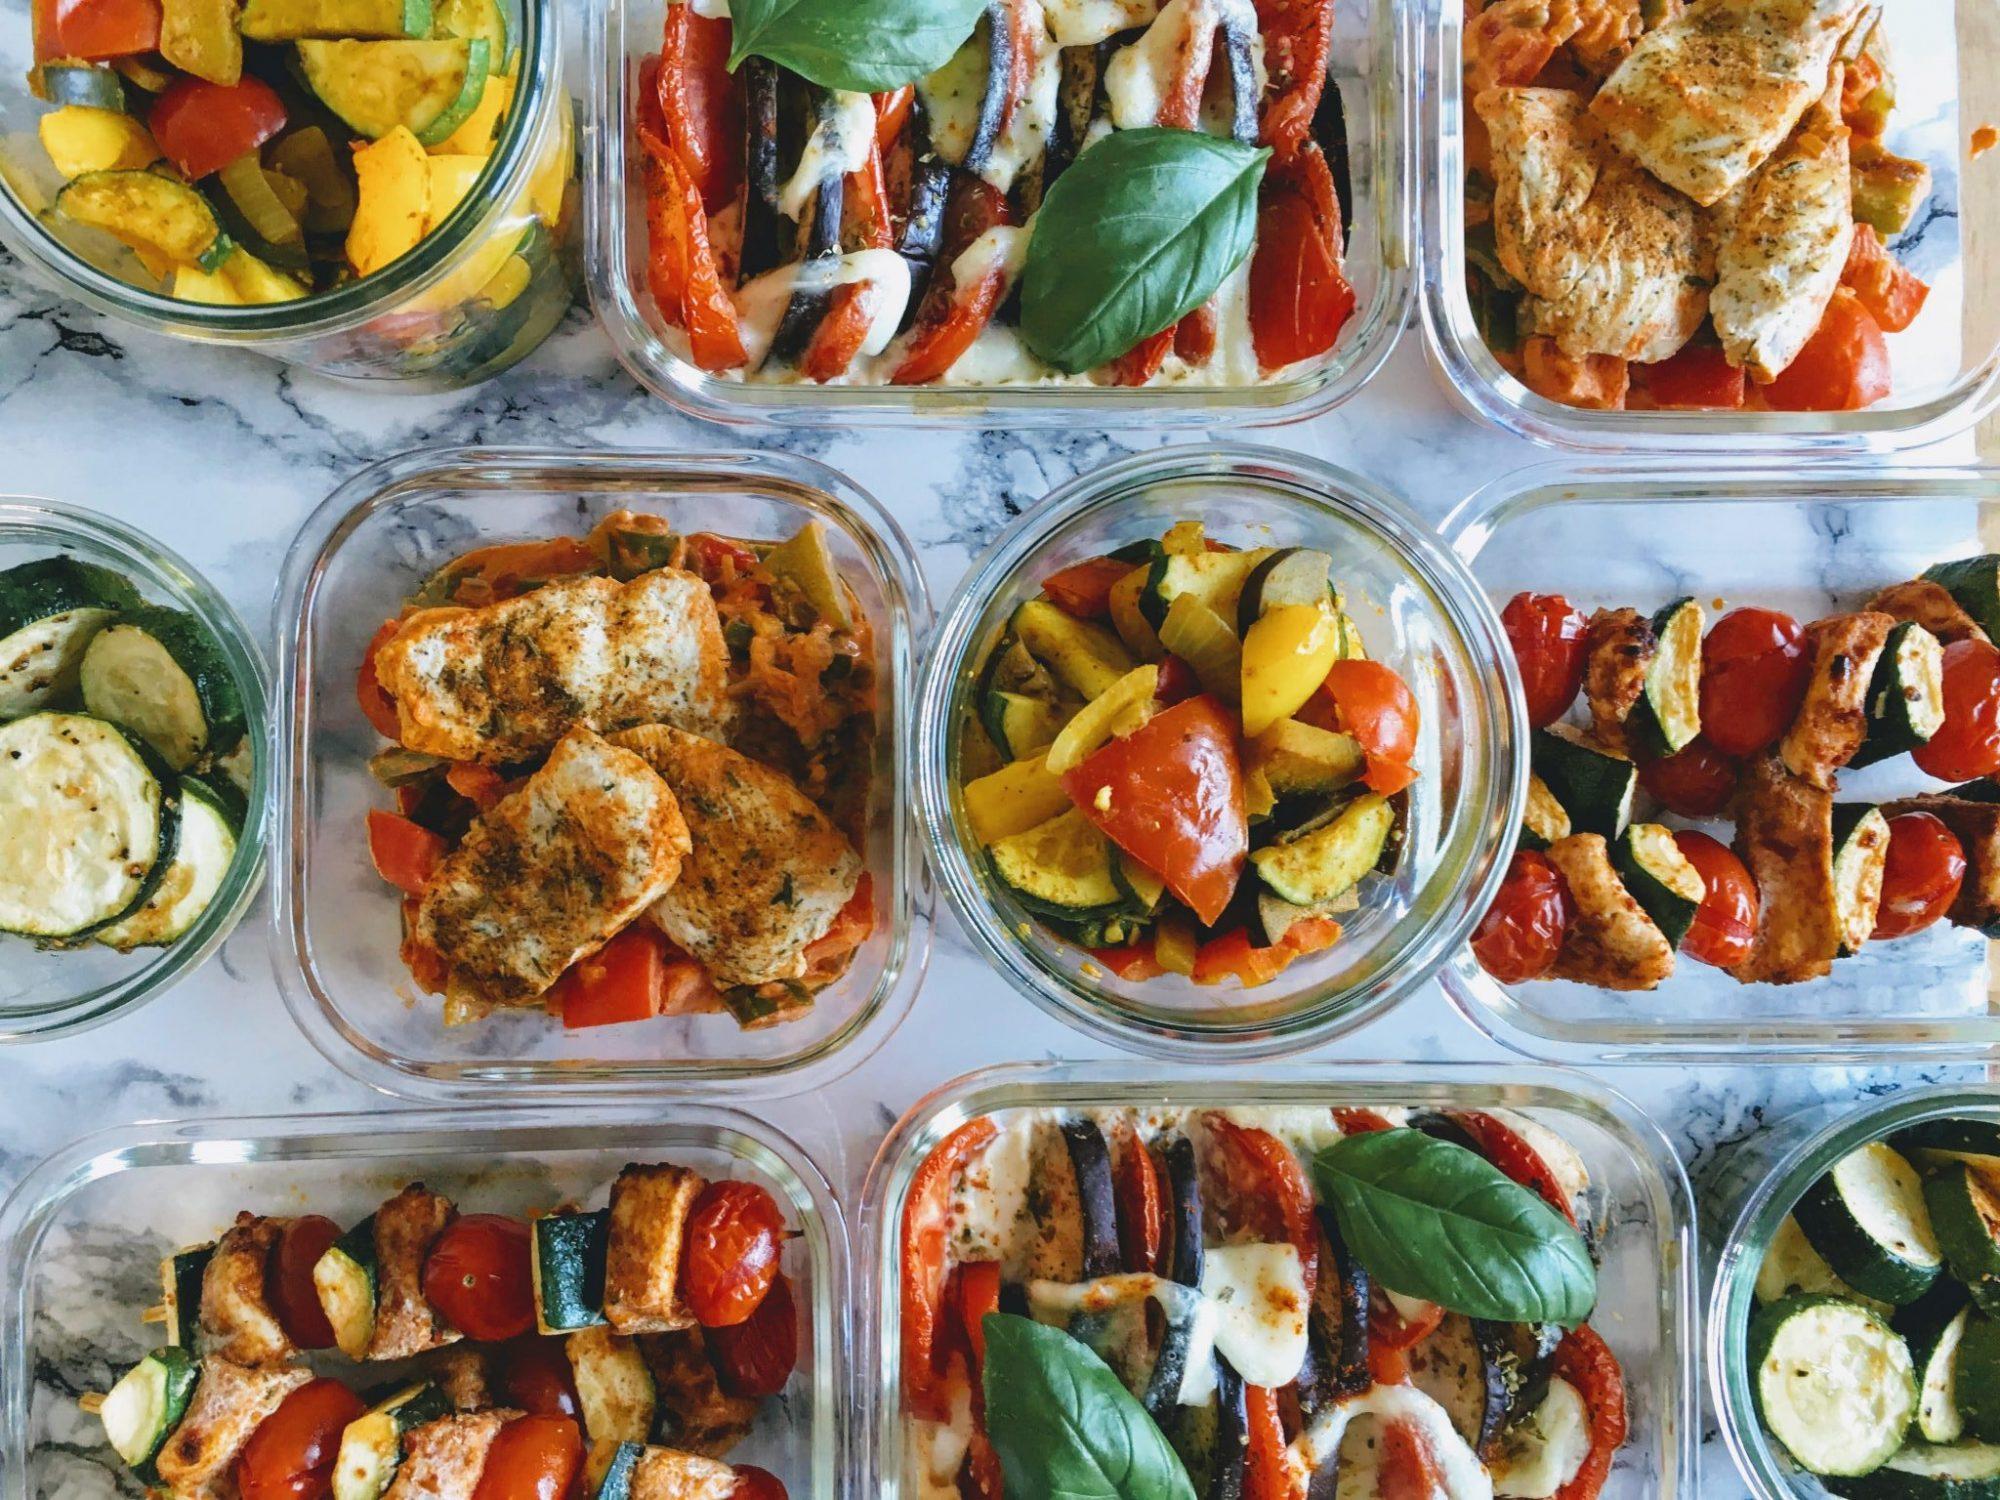 Haltbarkeit von Lebensmitteln Übersicht mealpreperia.com